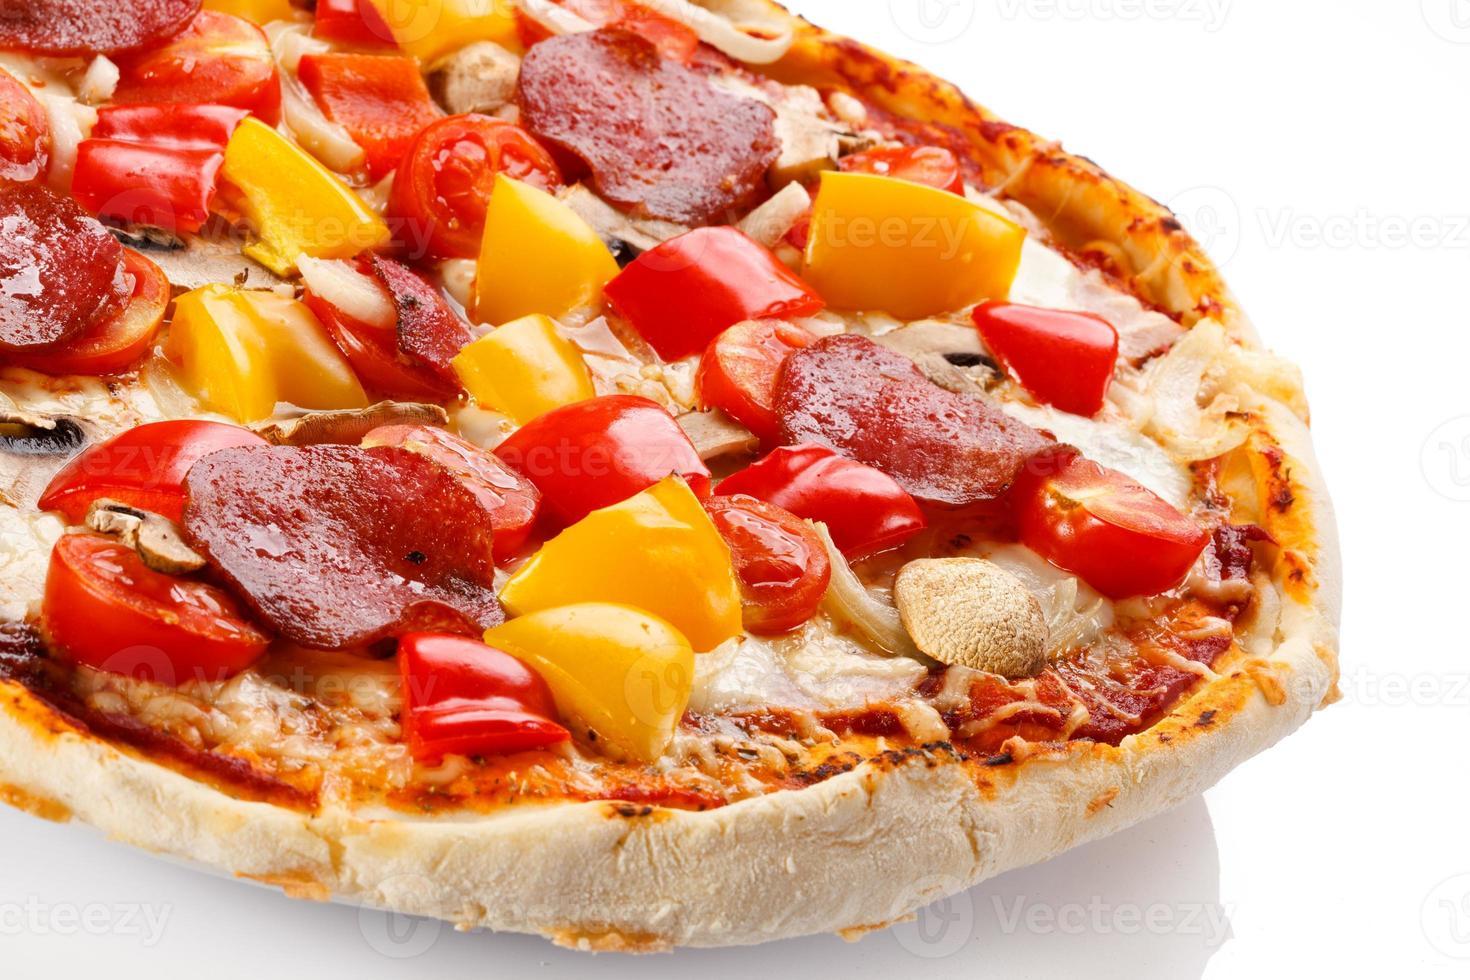 pizza på vit bakgrund foto